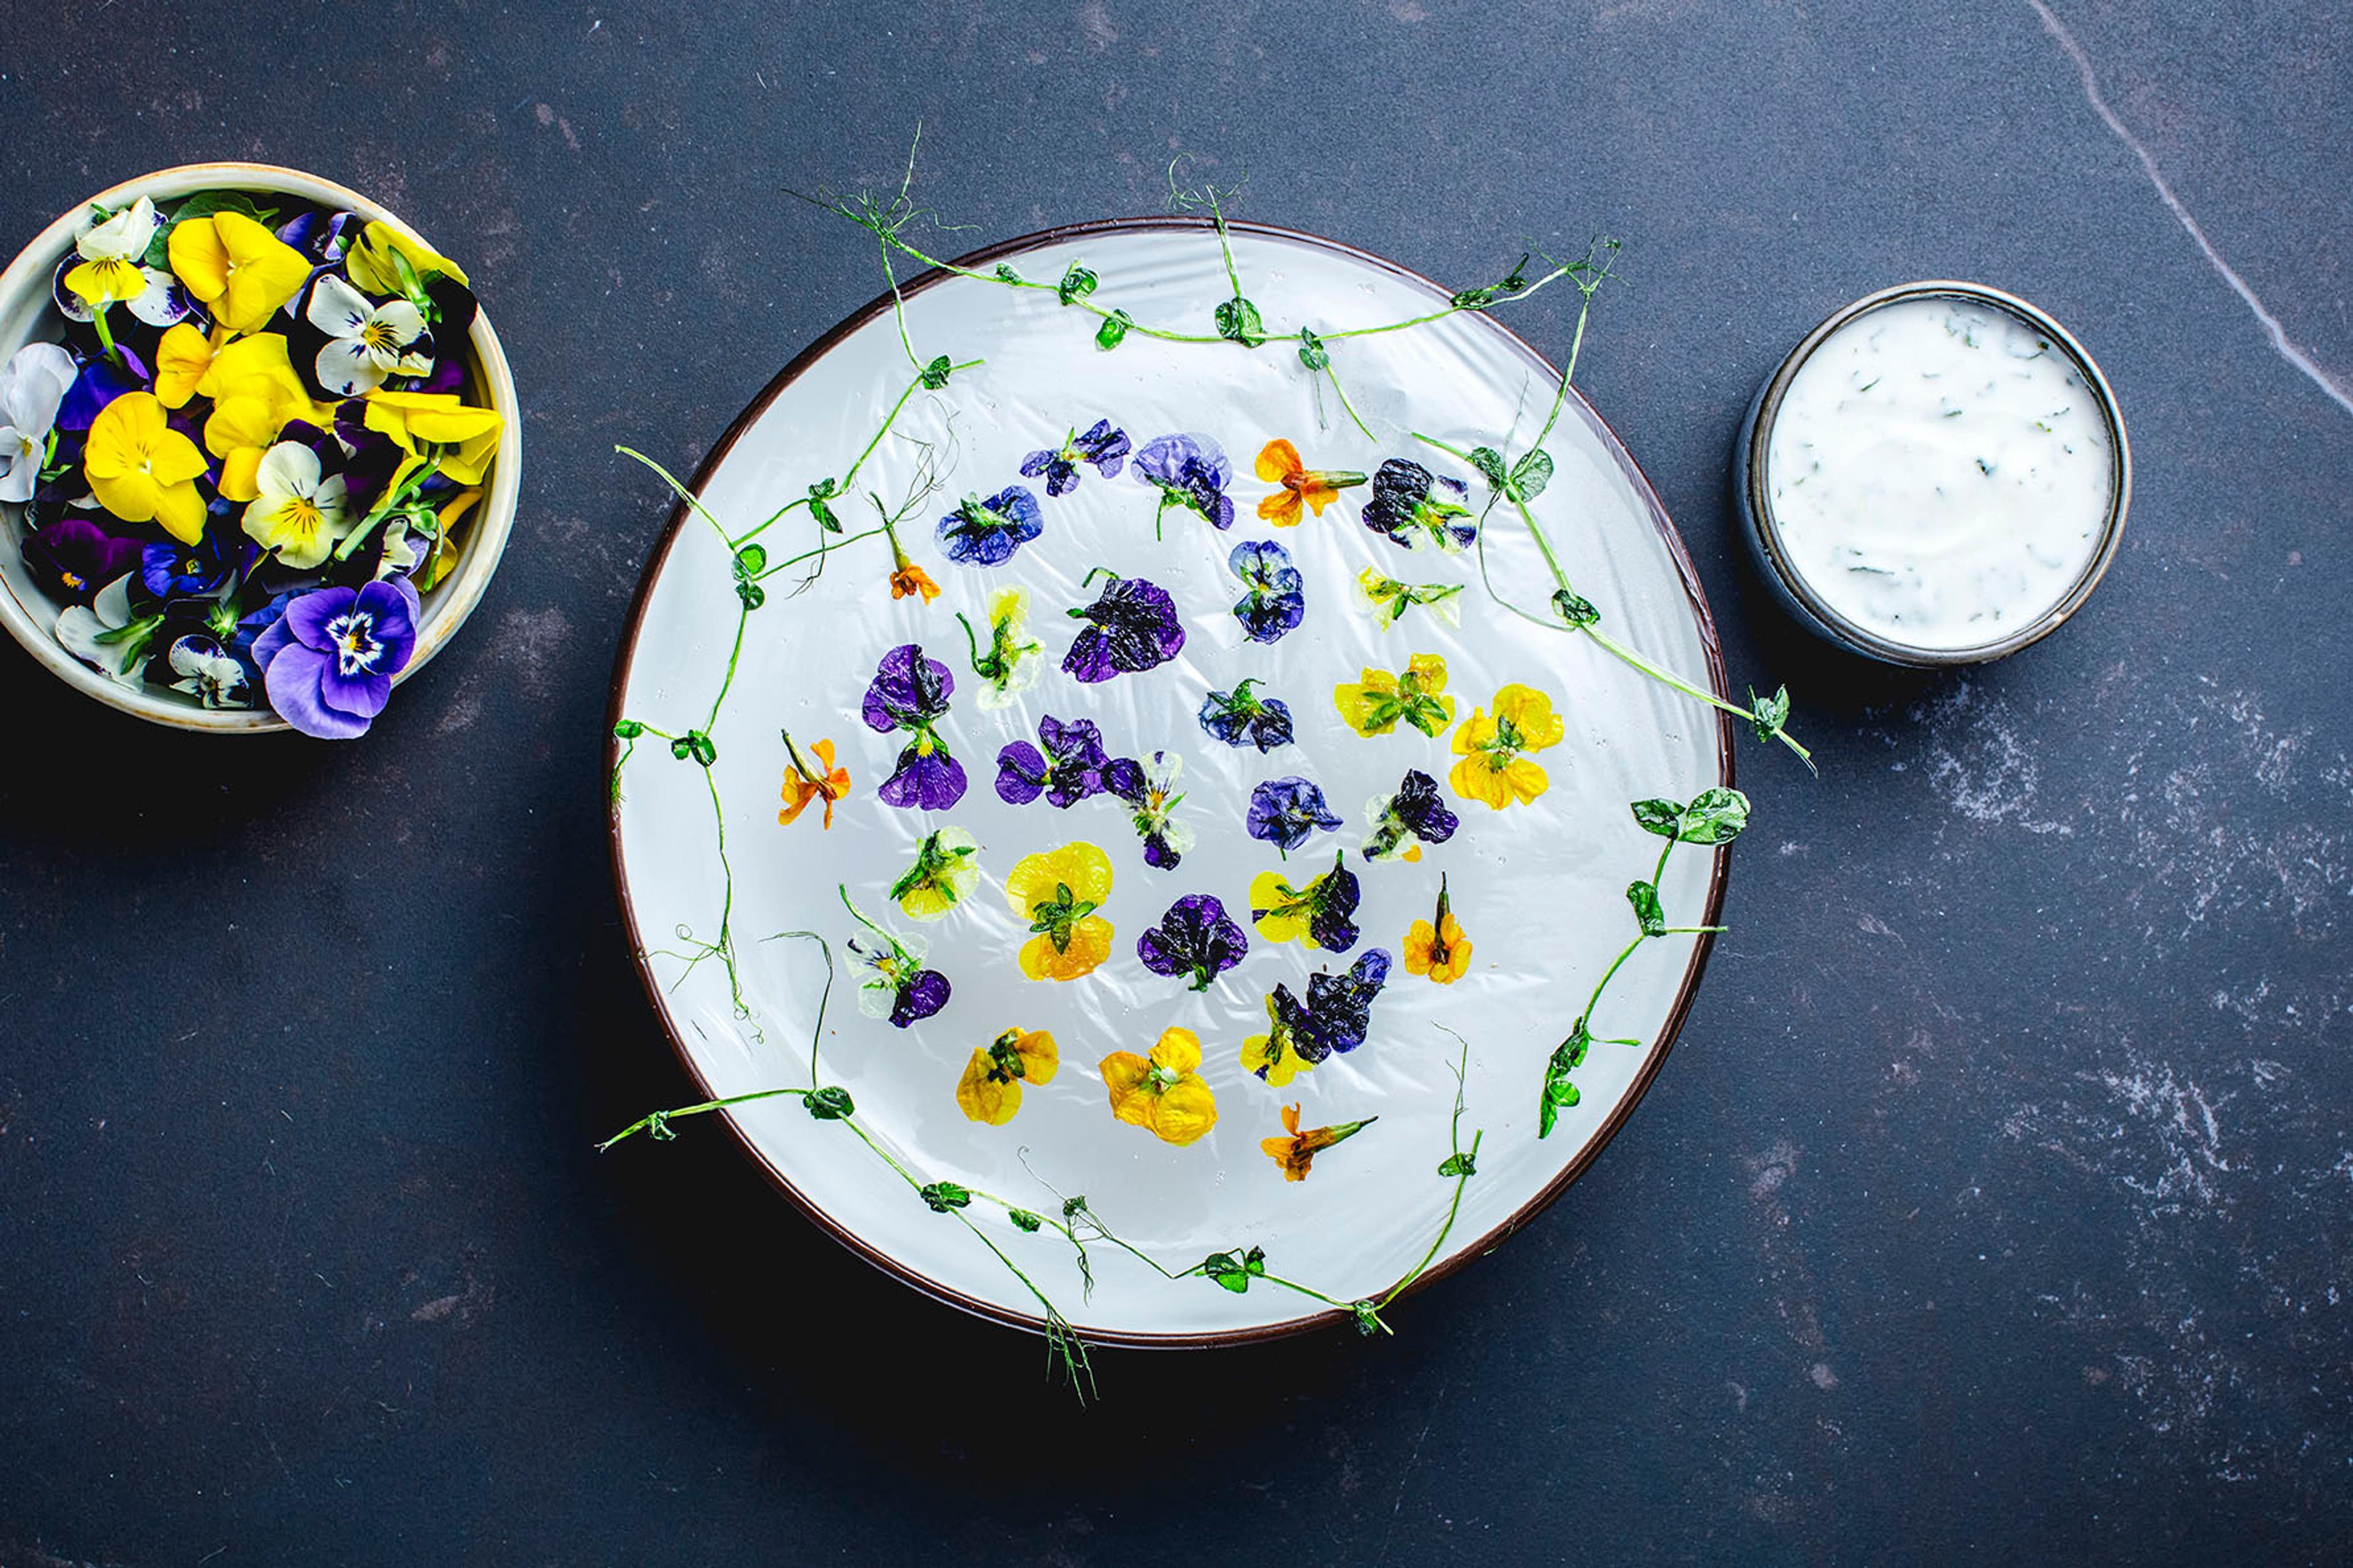 Blomsterchips laget i mikroen